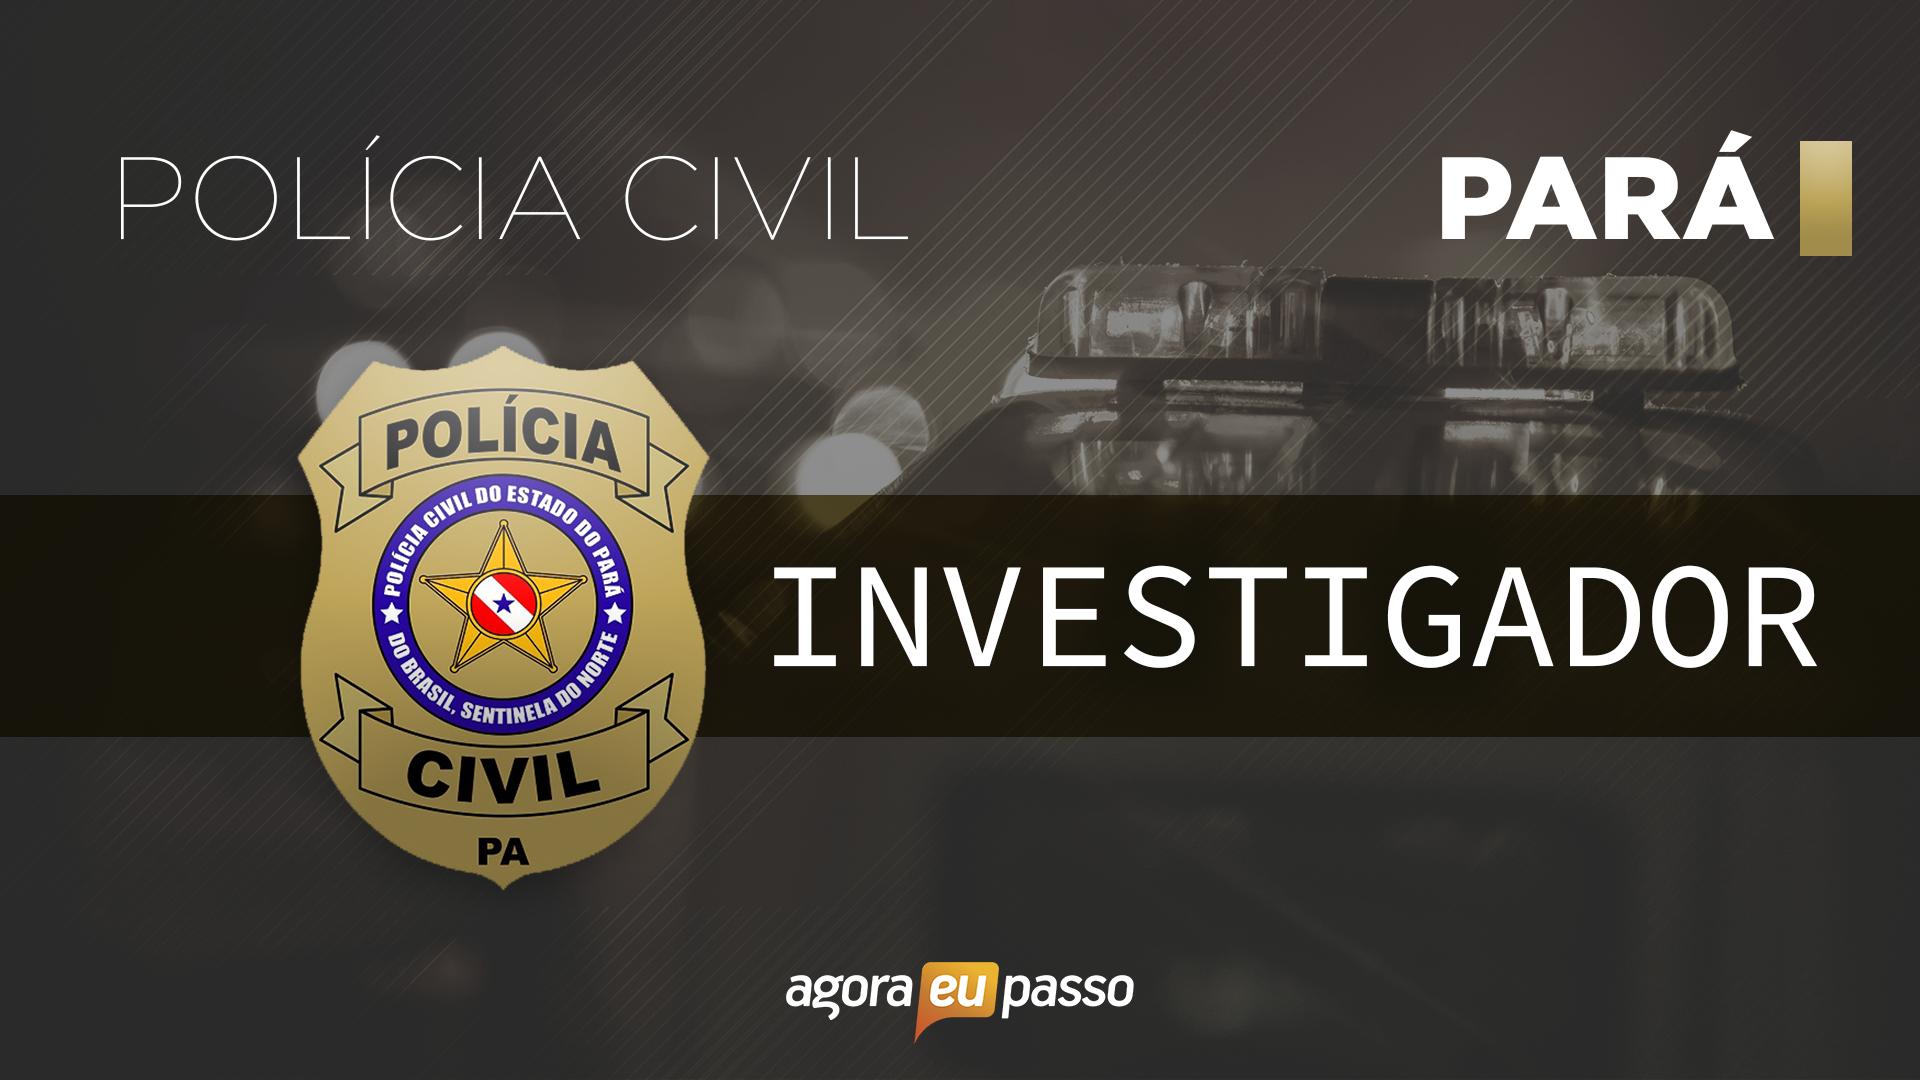 PC PA - Investigador da Polícia Civil do Pará